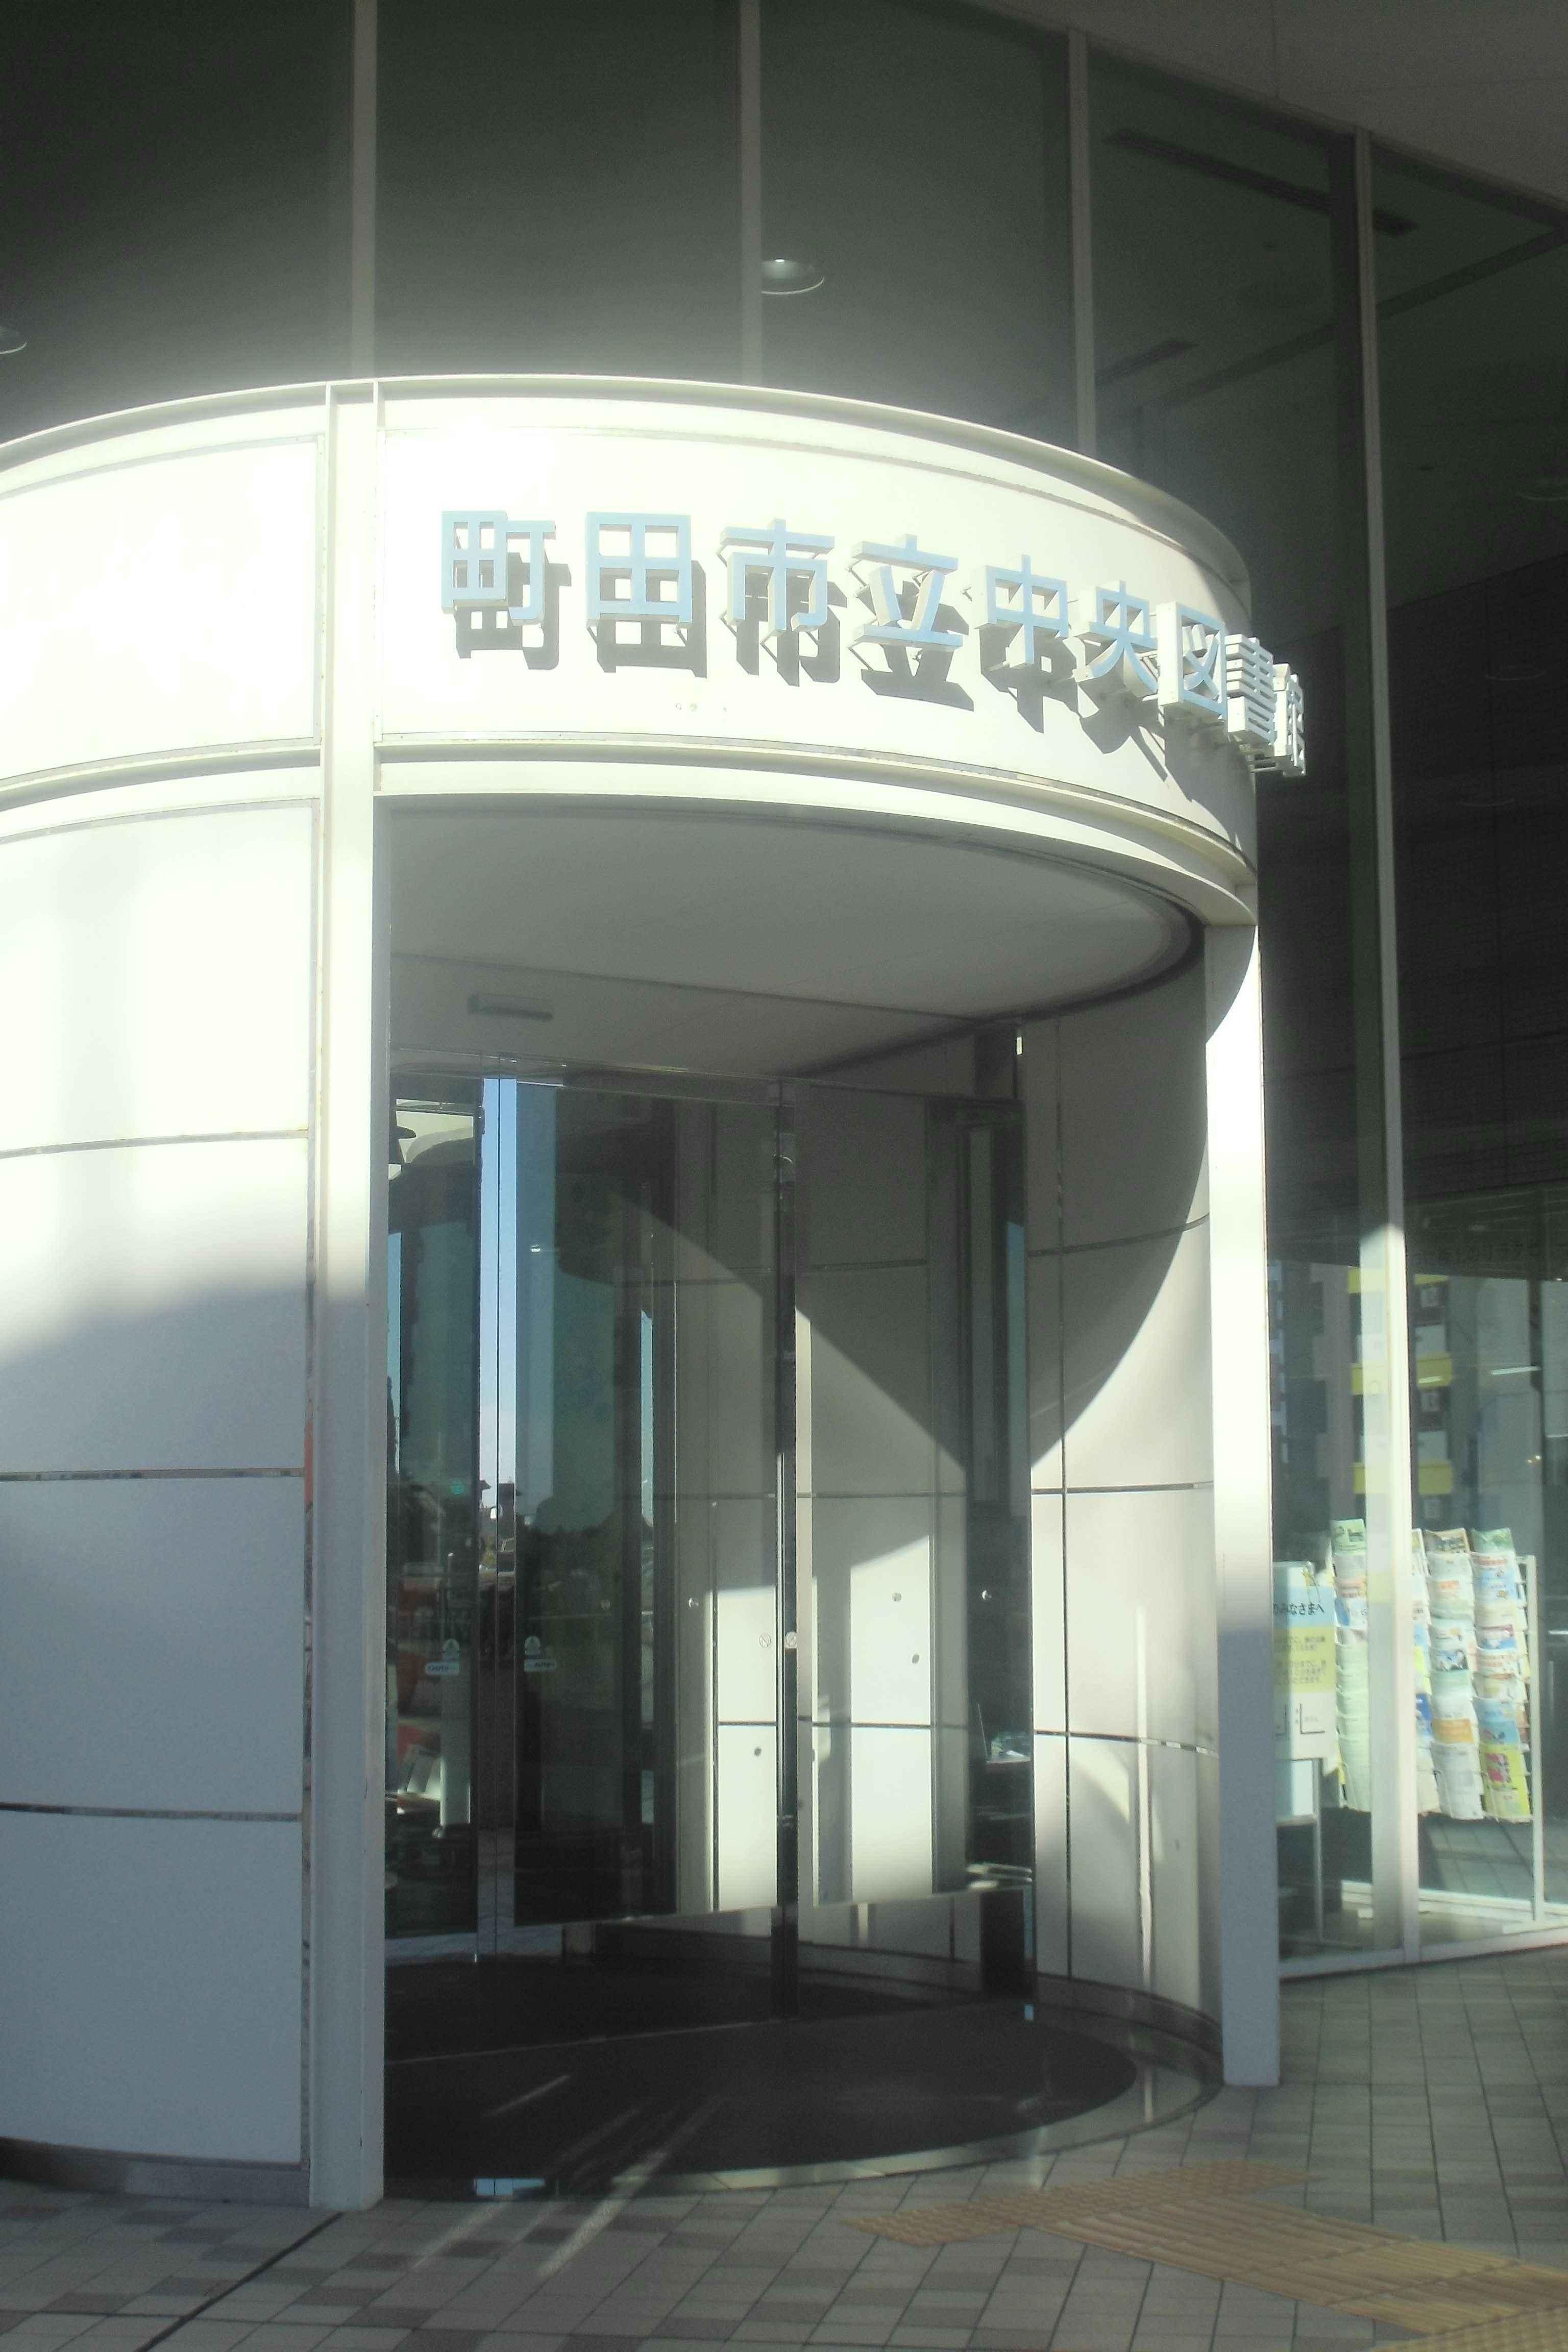 図書館 鶴川 鶴川駅前図書館│施設案内│町田市立図書館